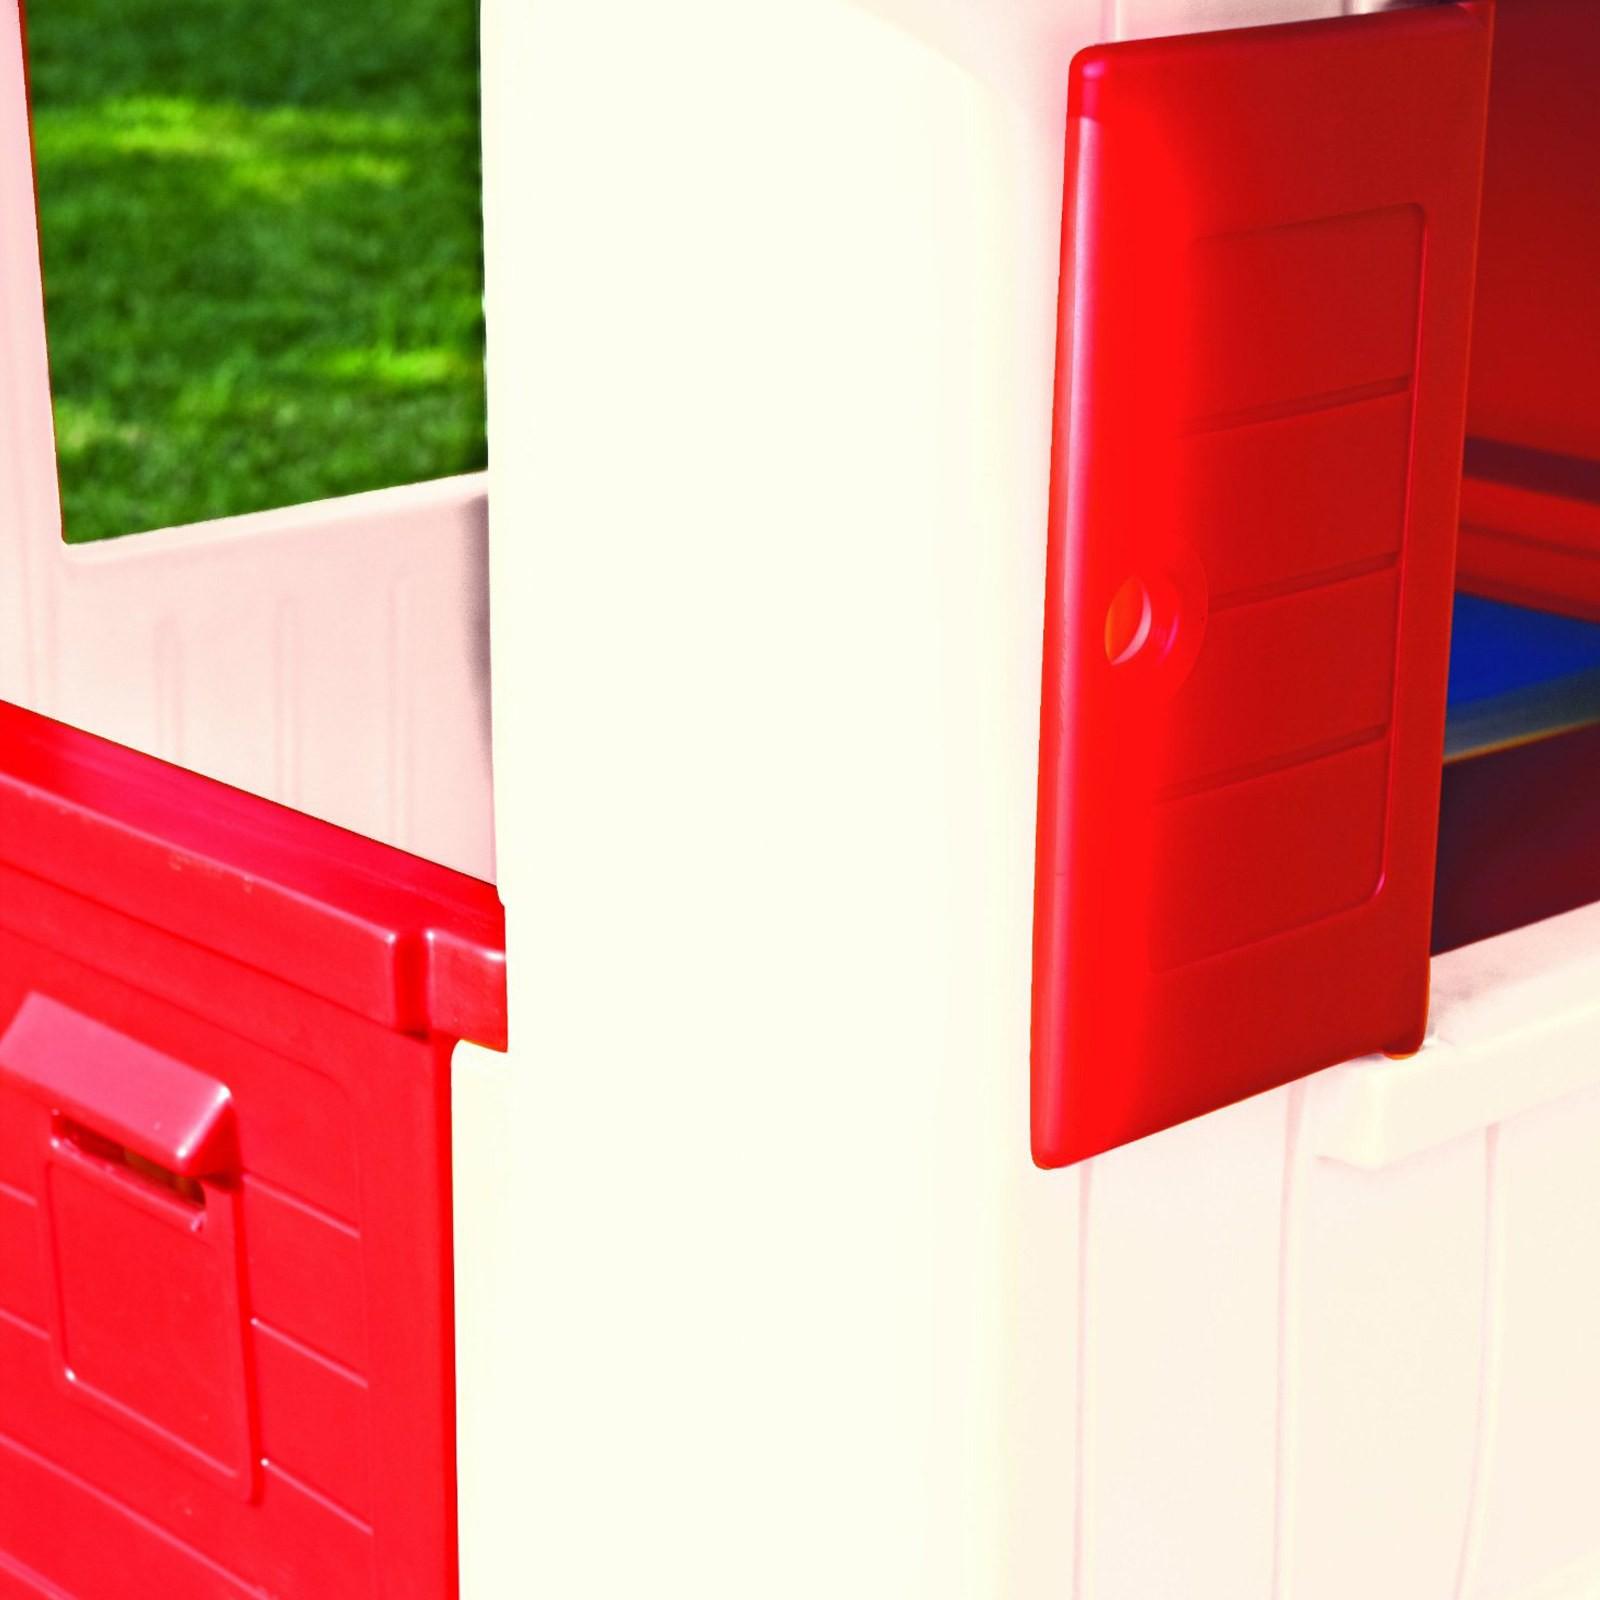 1dec0bce6e Casetta CHICCO COUNTRY Casa Giochi Da Giardino Esterna per Bambini Casa  Gioco